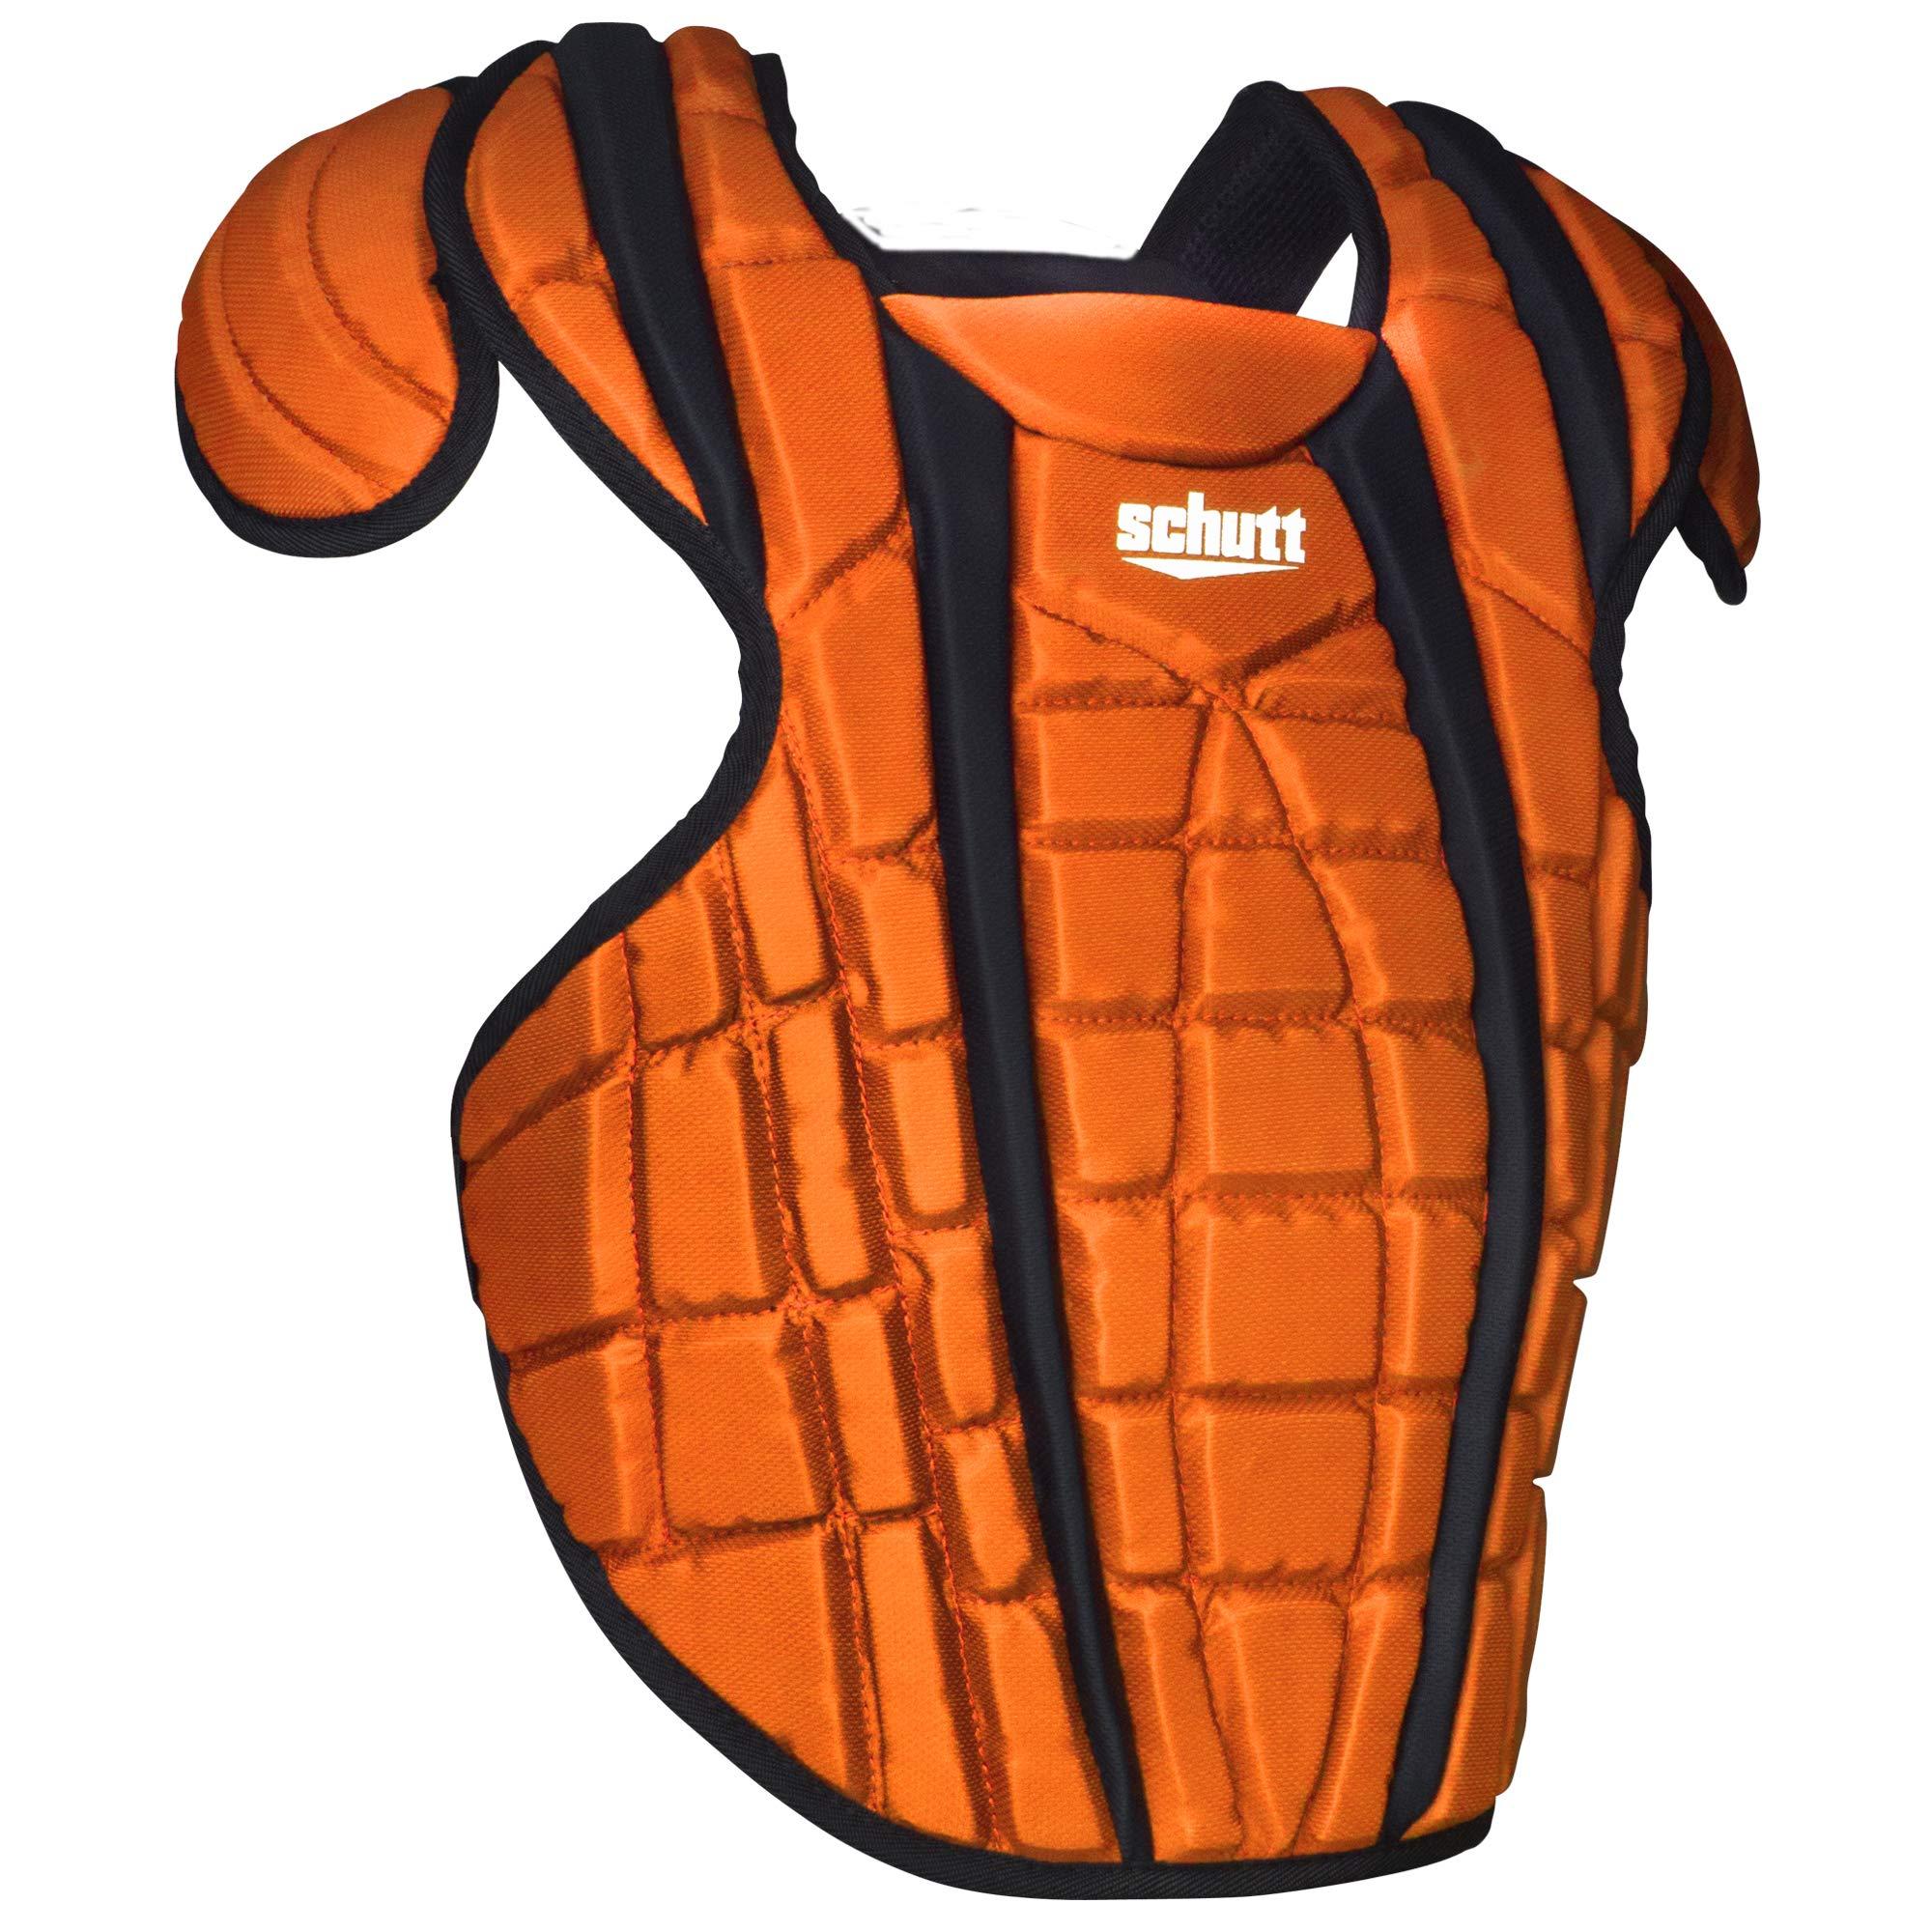 Schutt Sports Scorpion 2.0 Catcher's Chest Protector, Burnt Orange, 12'' by Schutt